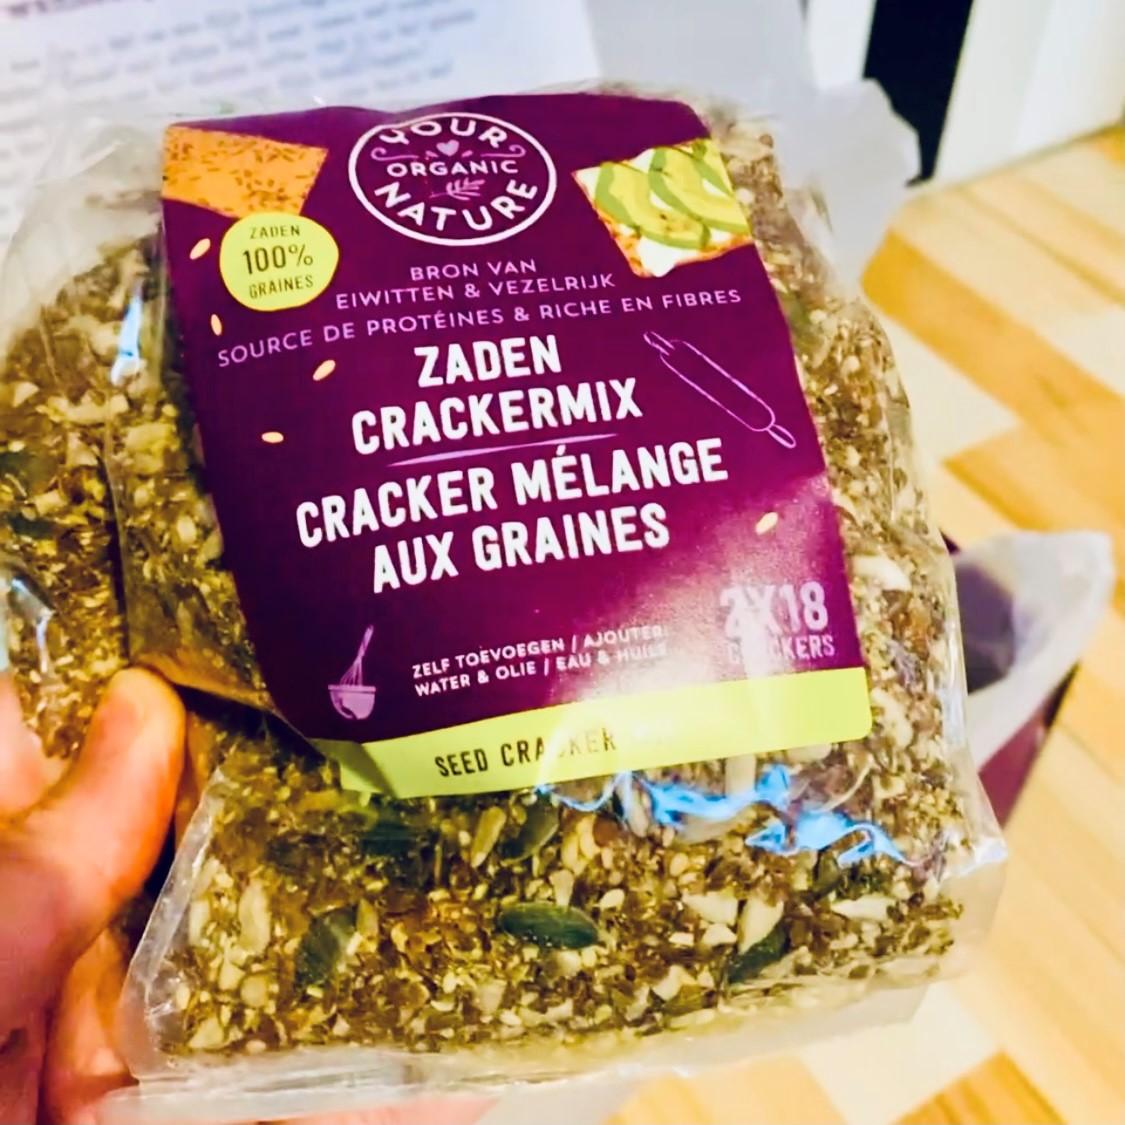 Your Organic Nature - zaden crackermix